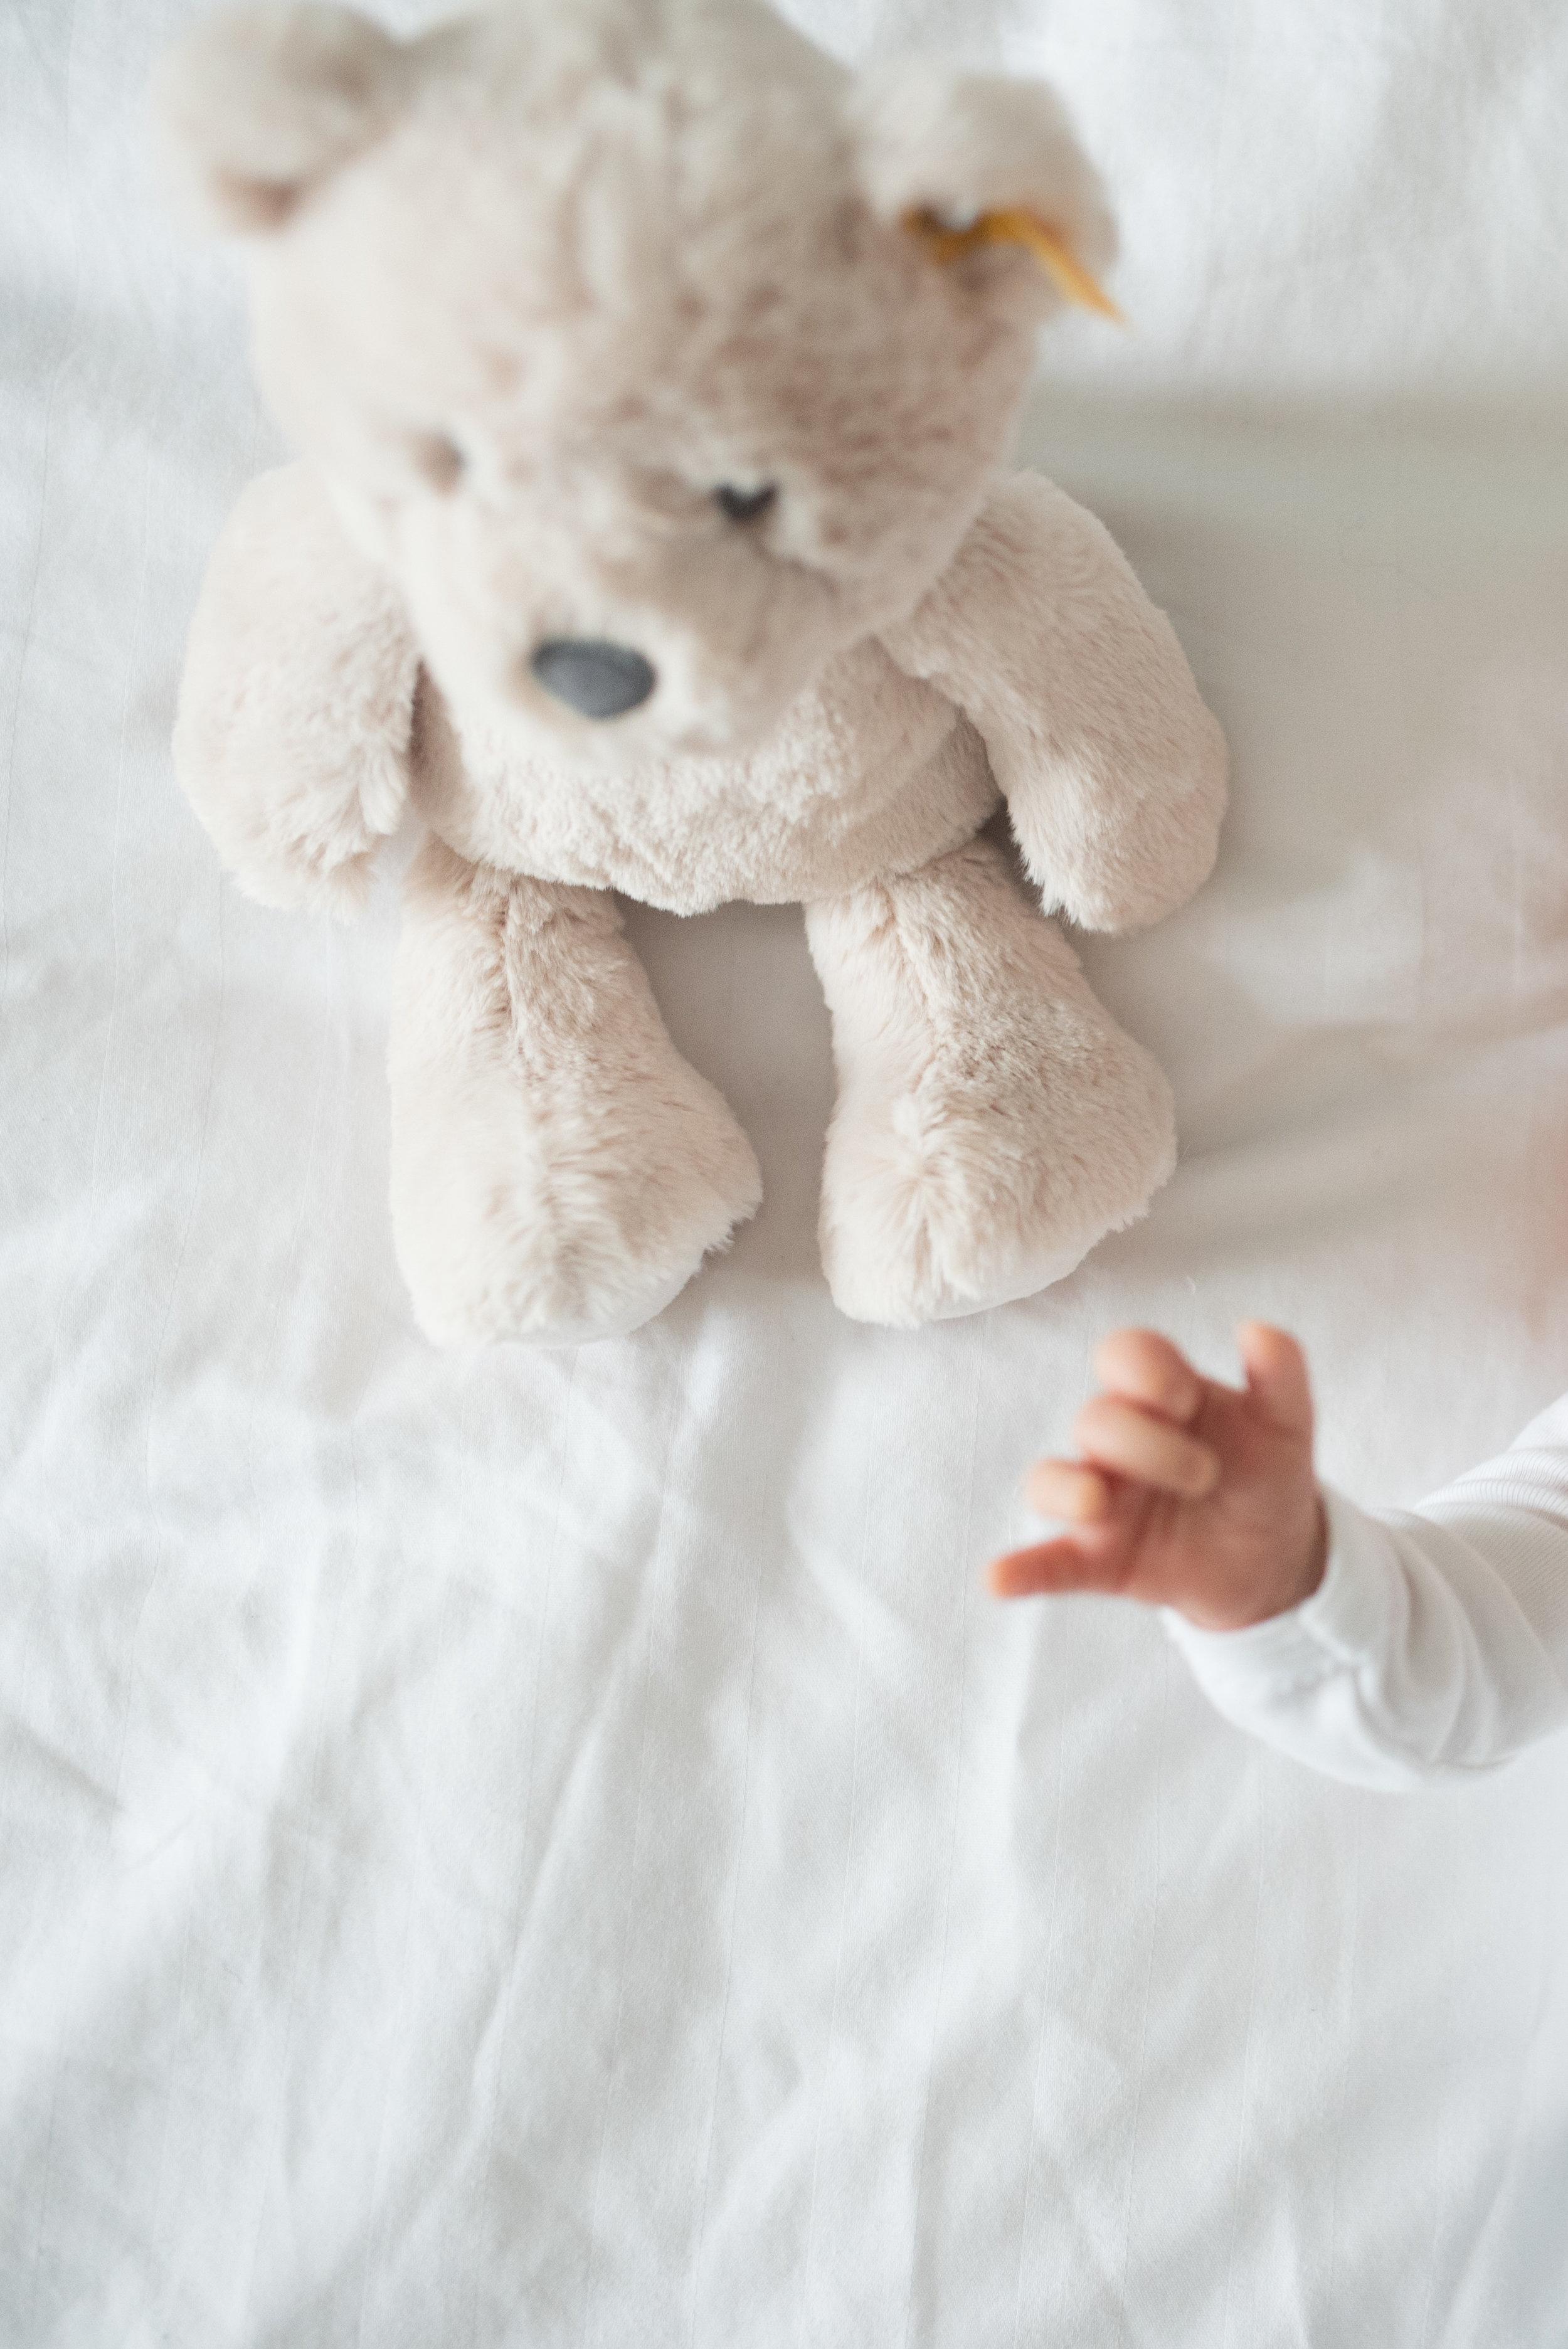 newborn-fotografie-muenchen (2 von 2).jpg